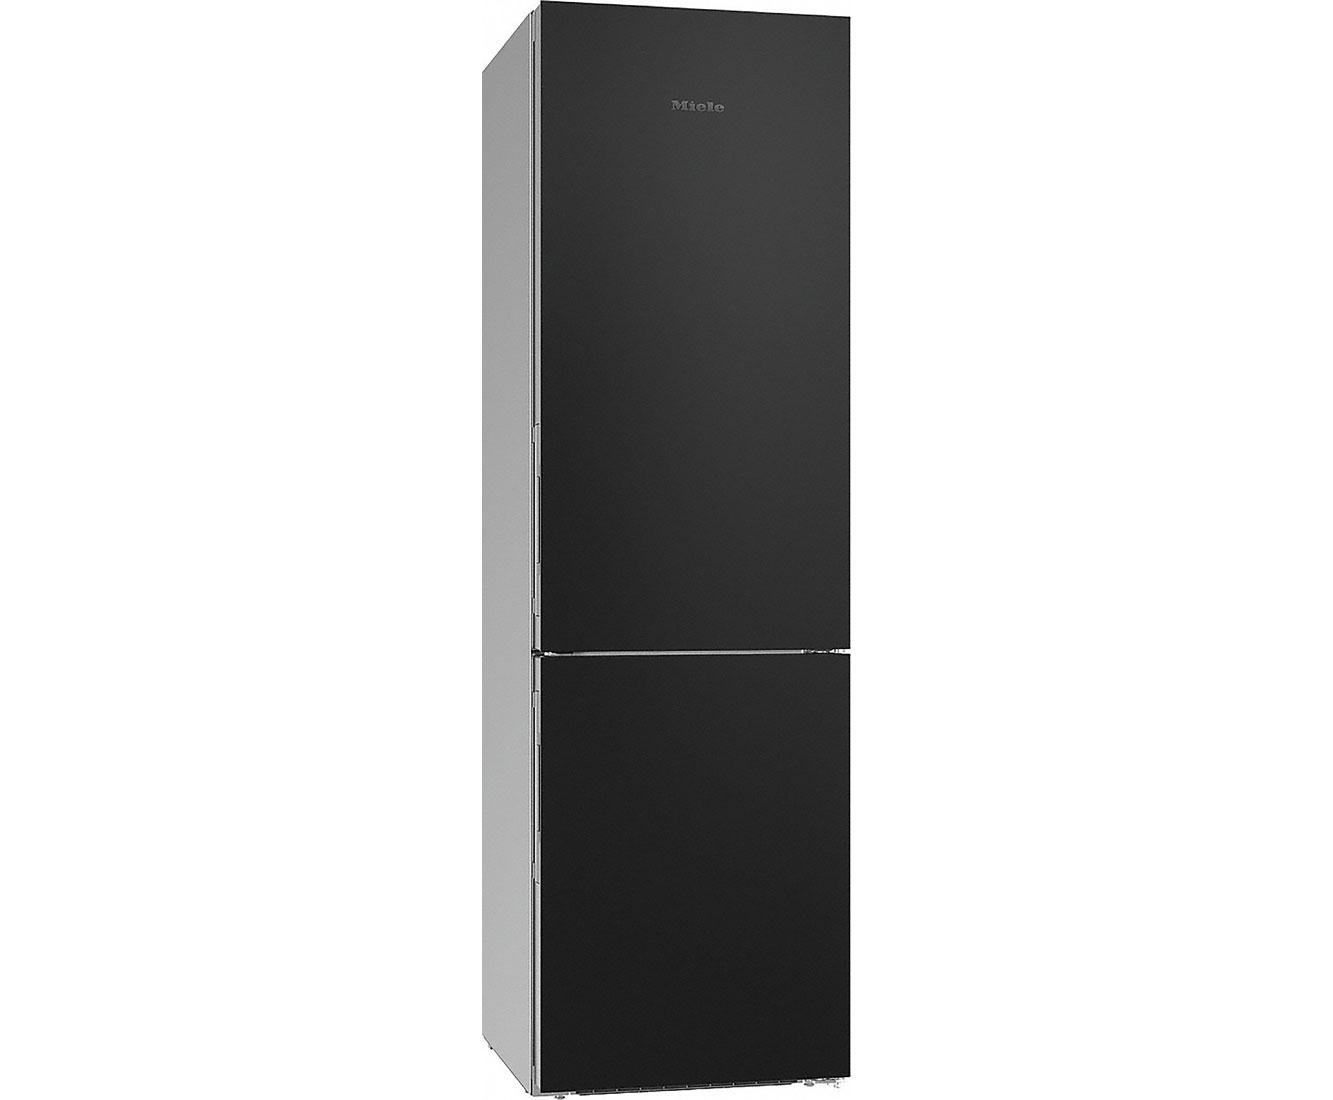 Bomann Kühlschrank Grün : Siemens gefrier kühlschrank preisvergleich u die besten angebote